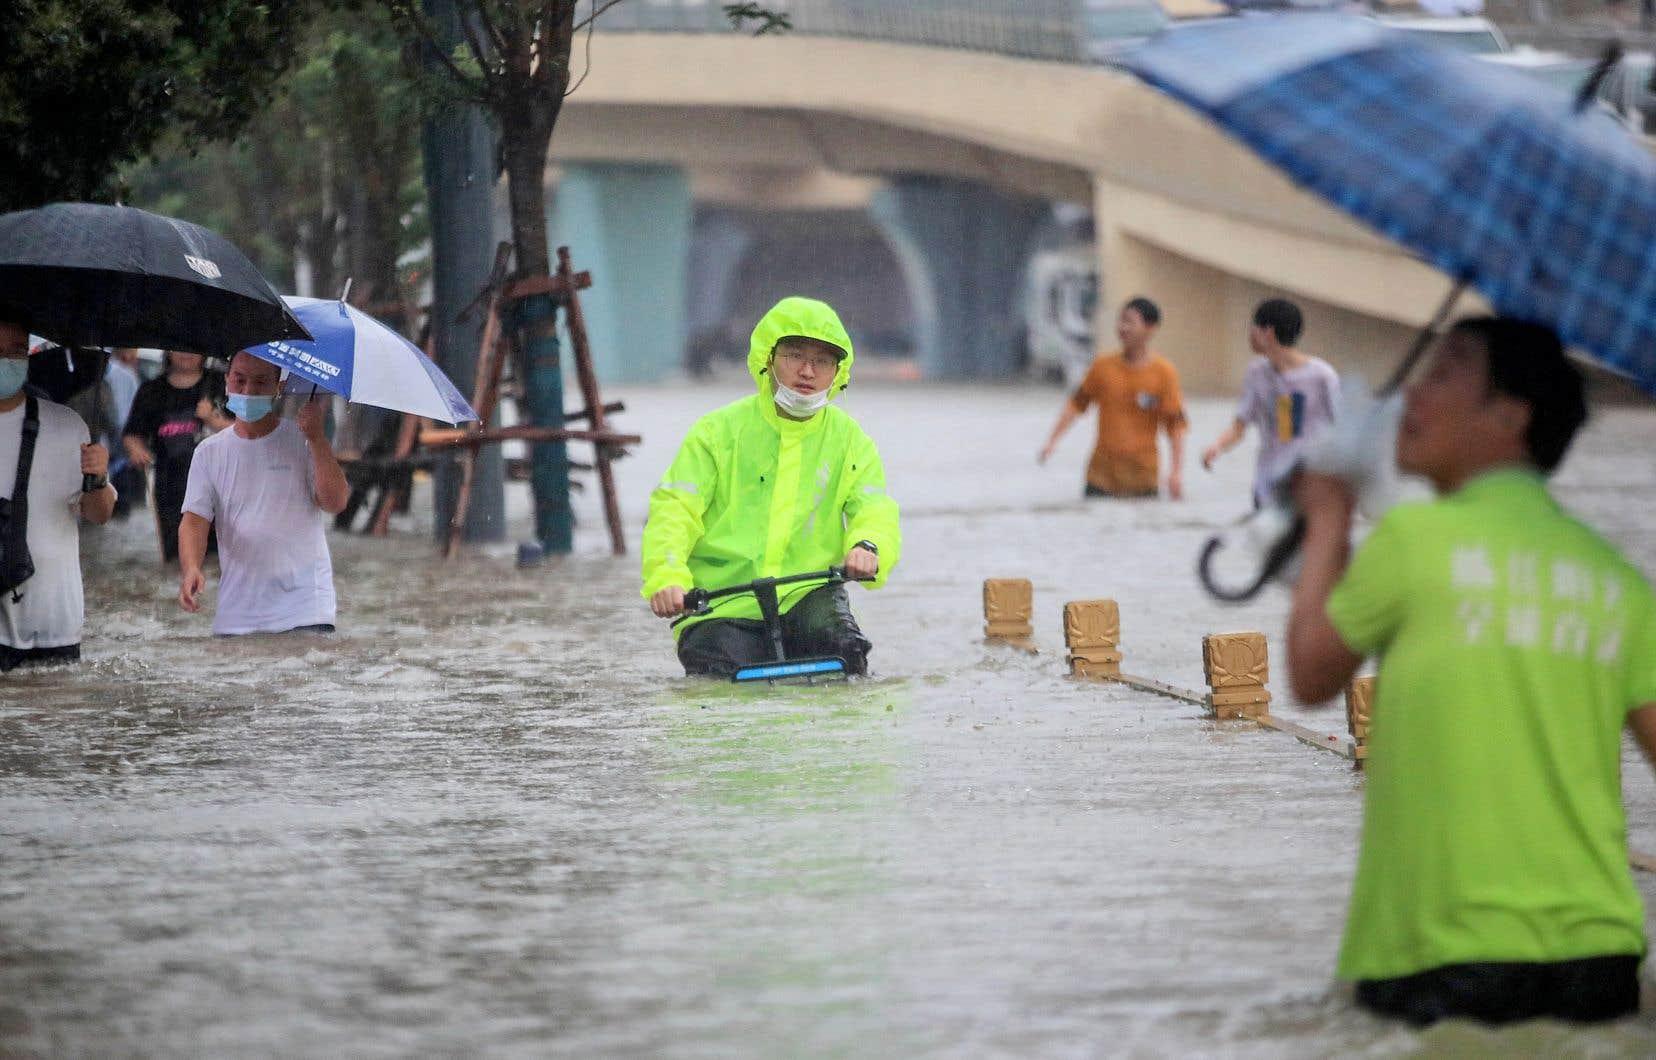 Environ 200 000 des 10 millions d'habitants de Zhengzhou, à 700 km au sud de Pékin, qui a reçu en l'espace de trois jours l'équivalent de près d'un an de pluie, ont été évacués.